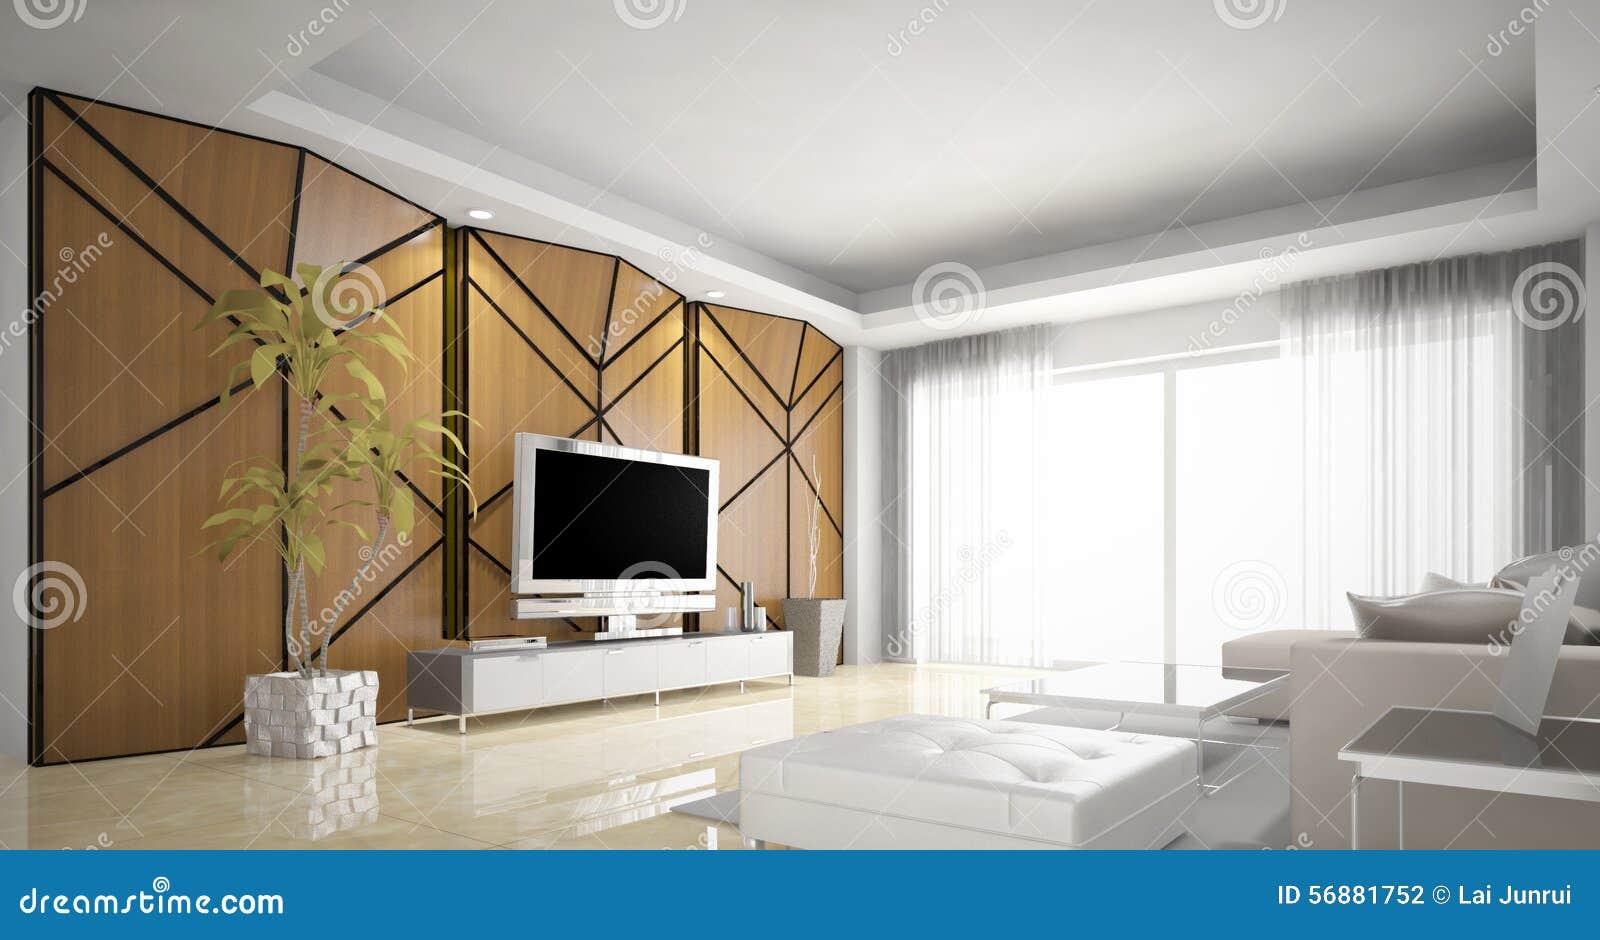 Living room design, Modern